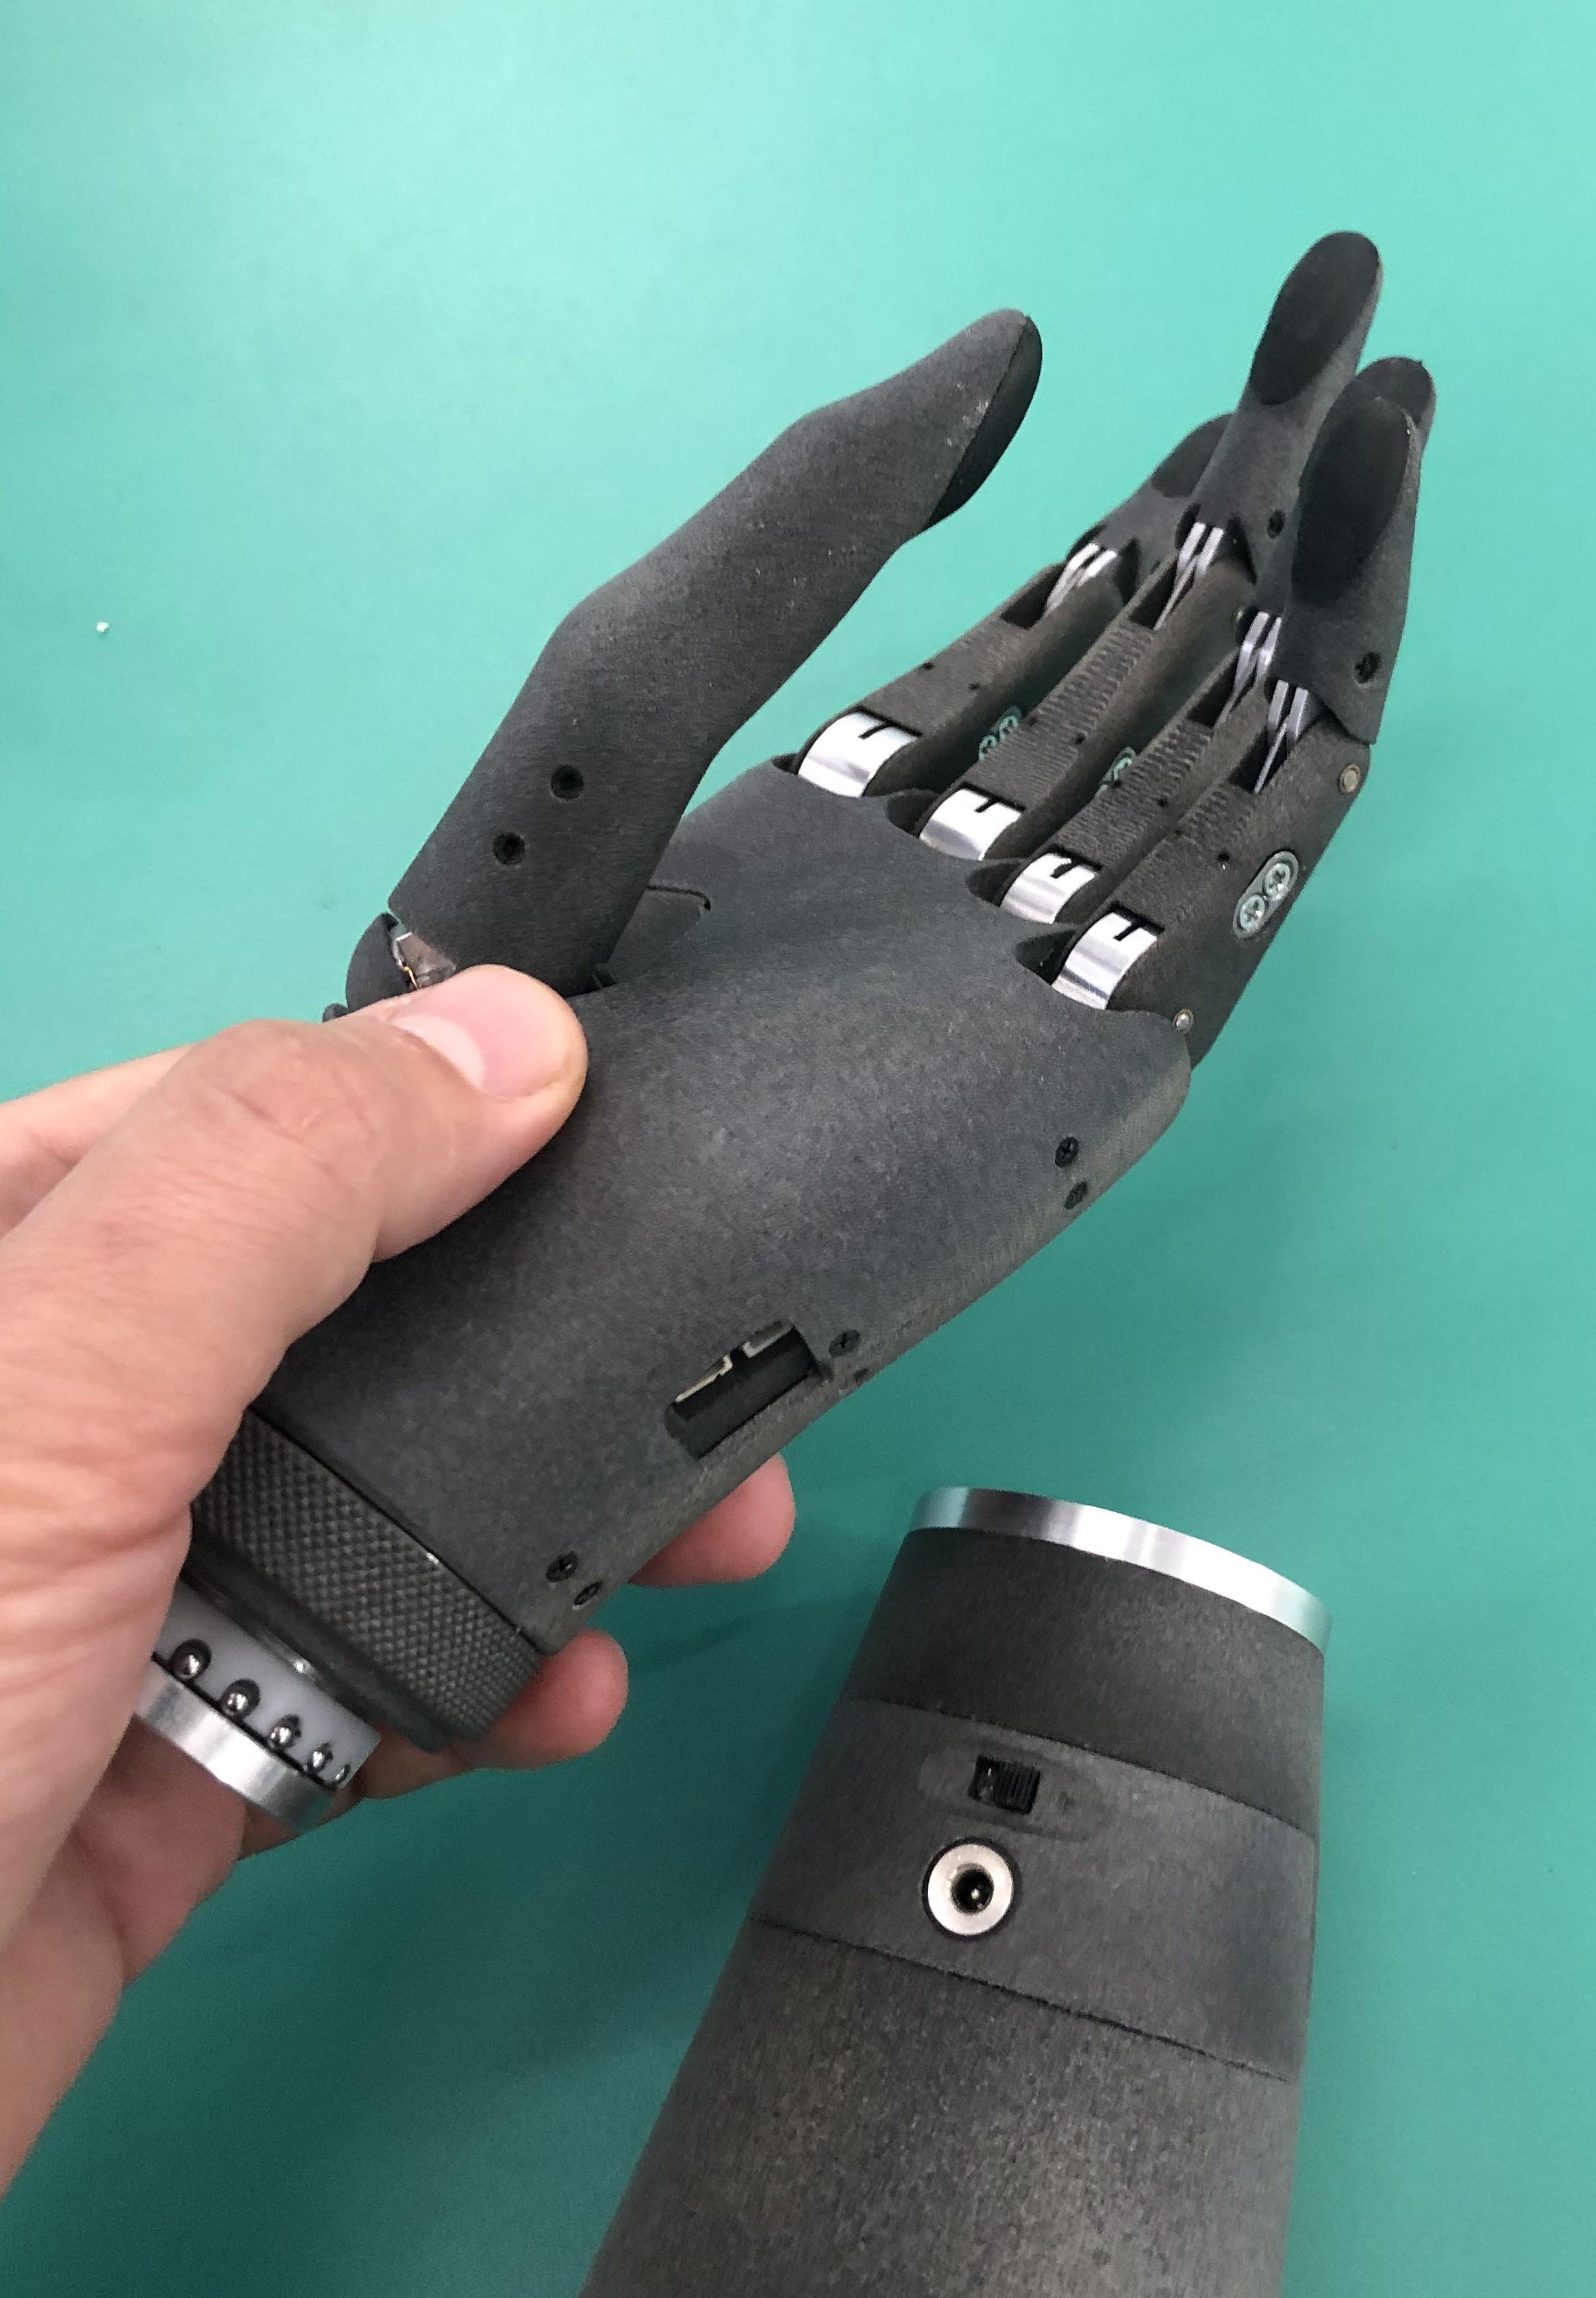 Інженер-конструктор, компанія Esper Bionics